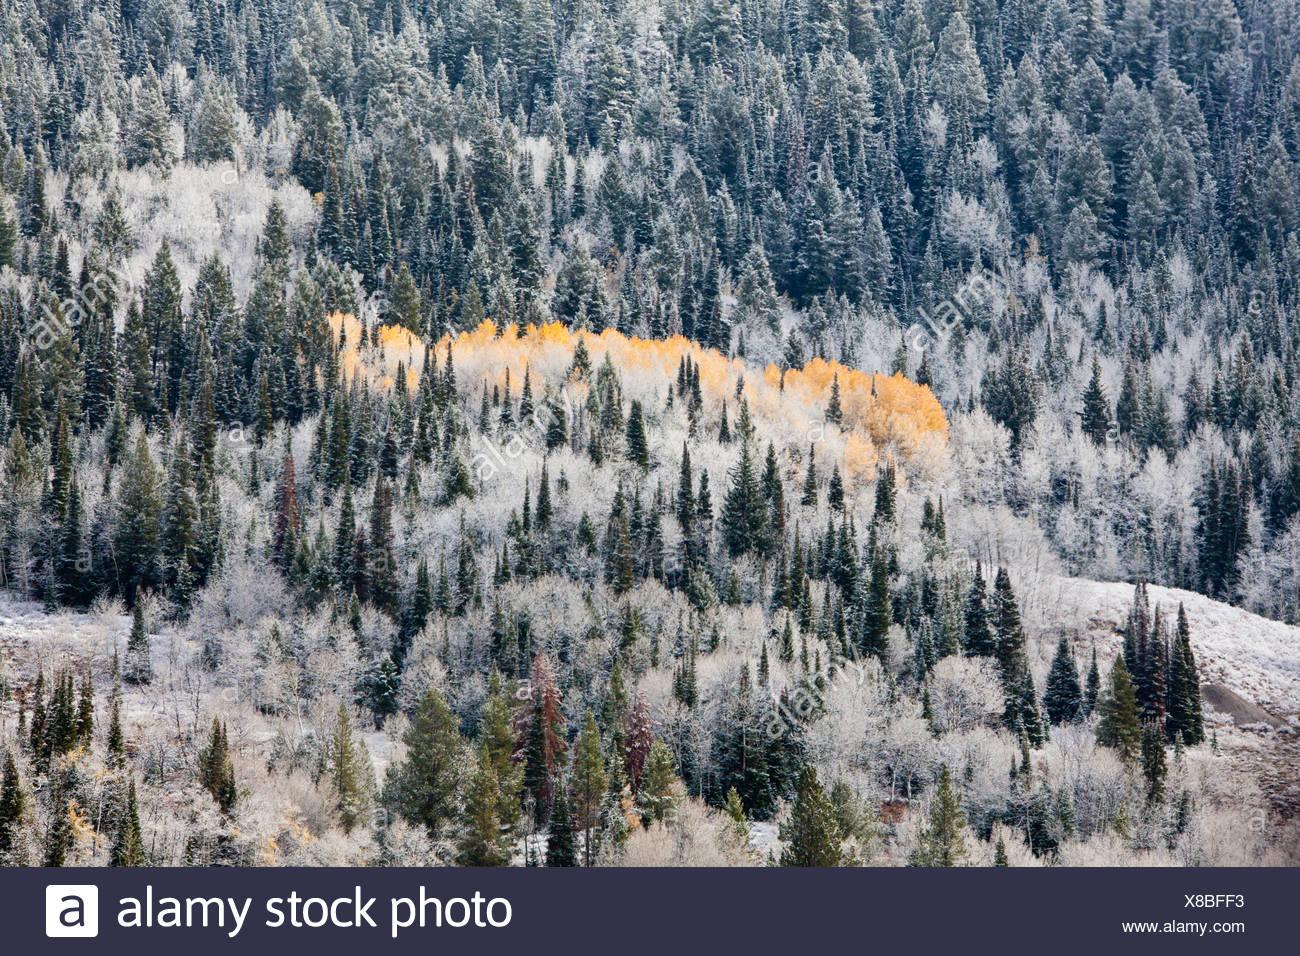 Stati Uniti d'America, Stati Uniti, America, Wyoming Autunno, freddo, alberi di pino, neve, legno, foglie di giallo Immagini Stock